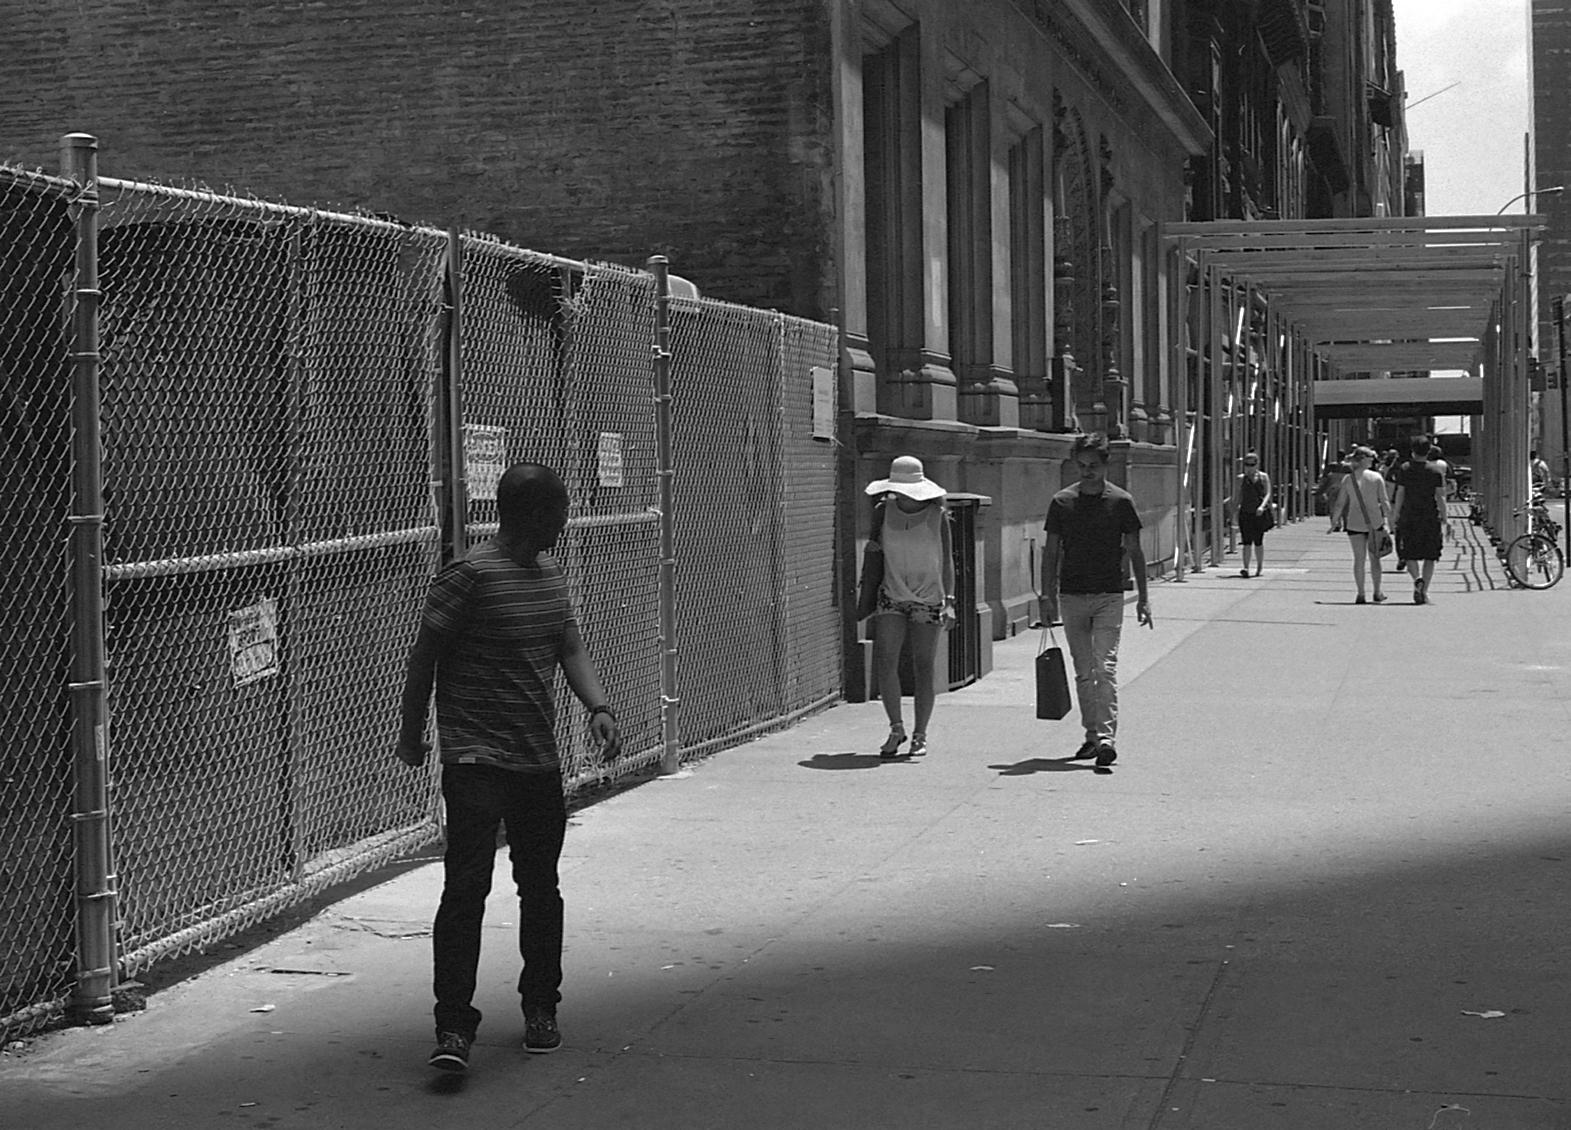 Pentax-NYC-June2013-9.jpg